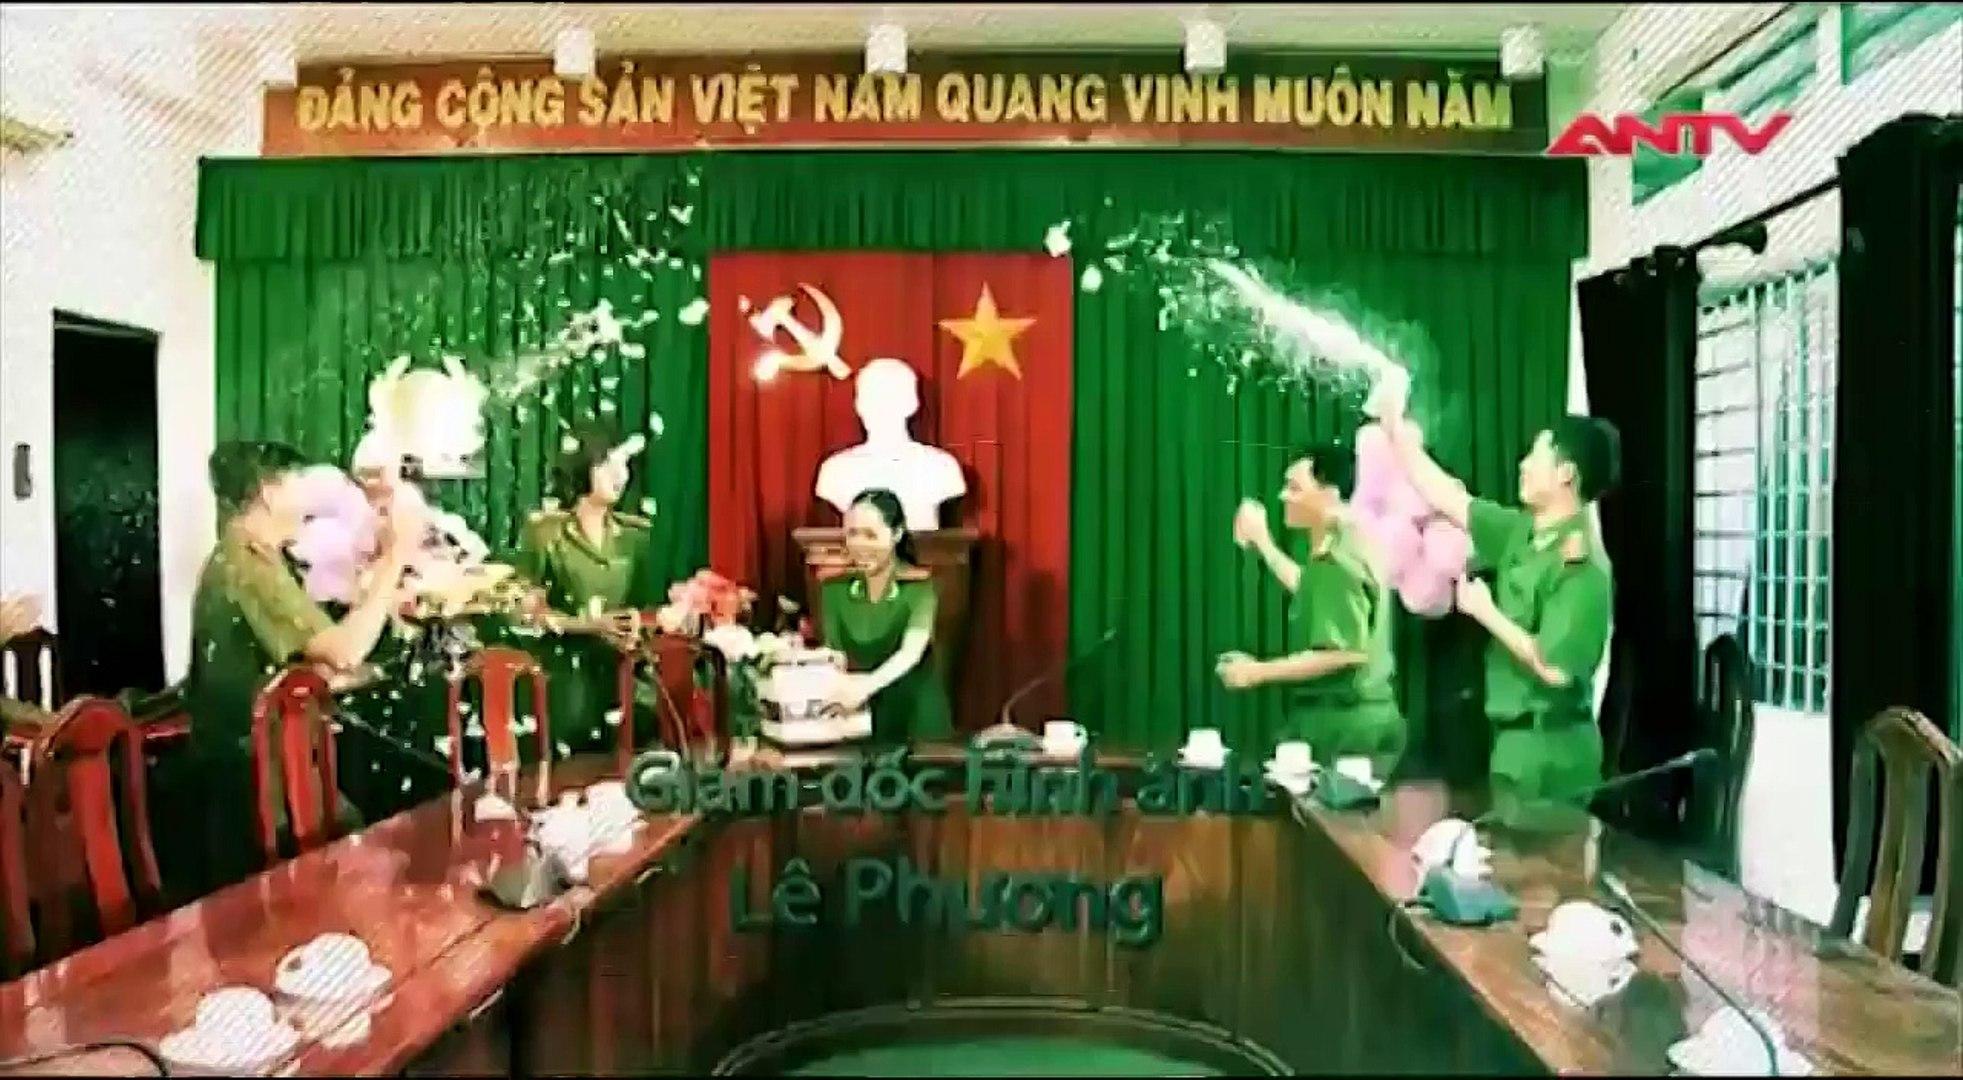 CON GÁI ÔNG TRÙM TẬP 17 - Phim BOM TẤN độc quyền trên ANTV